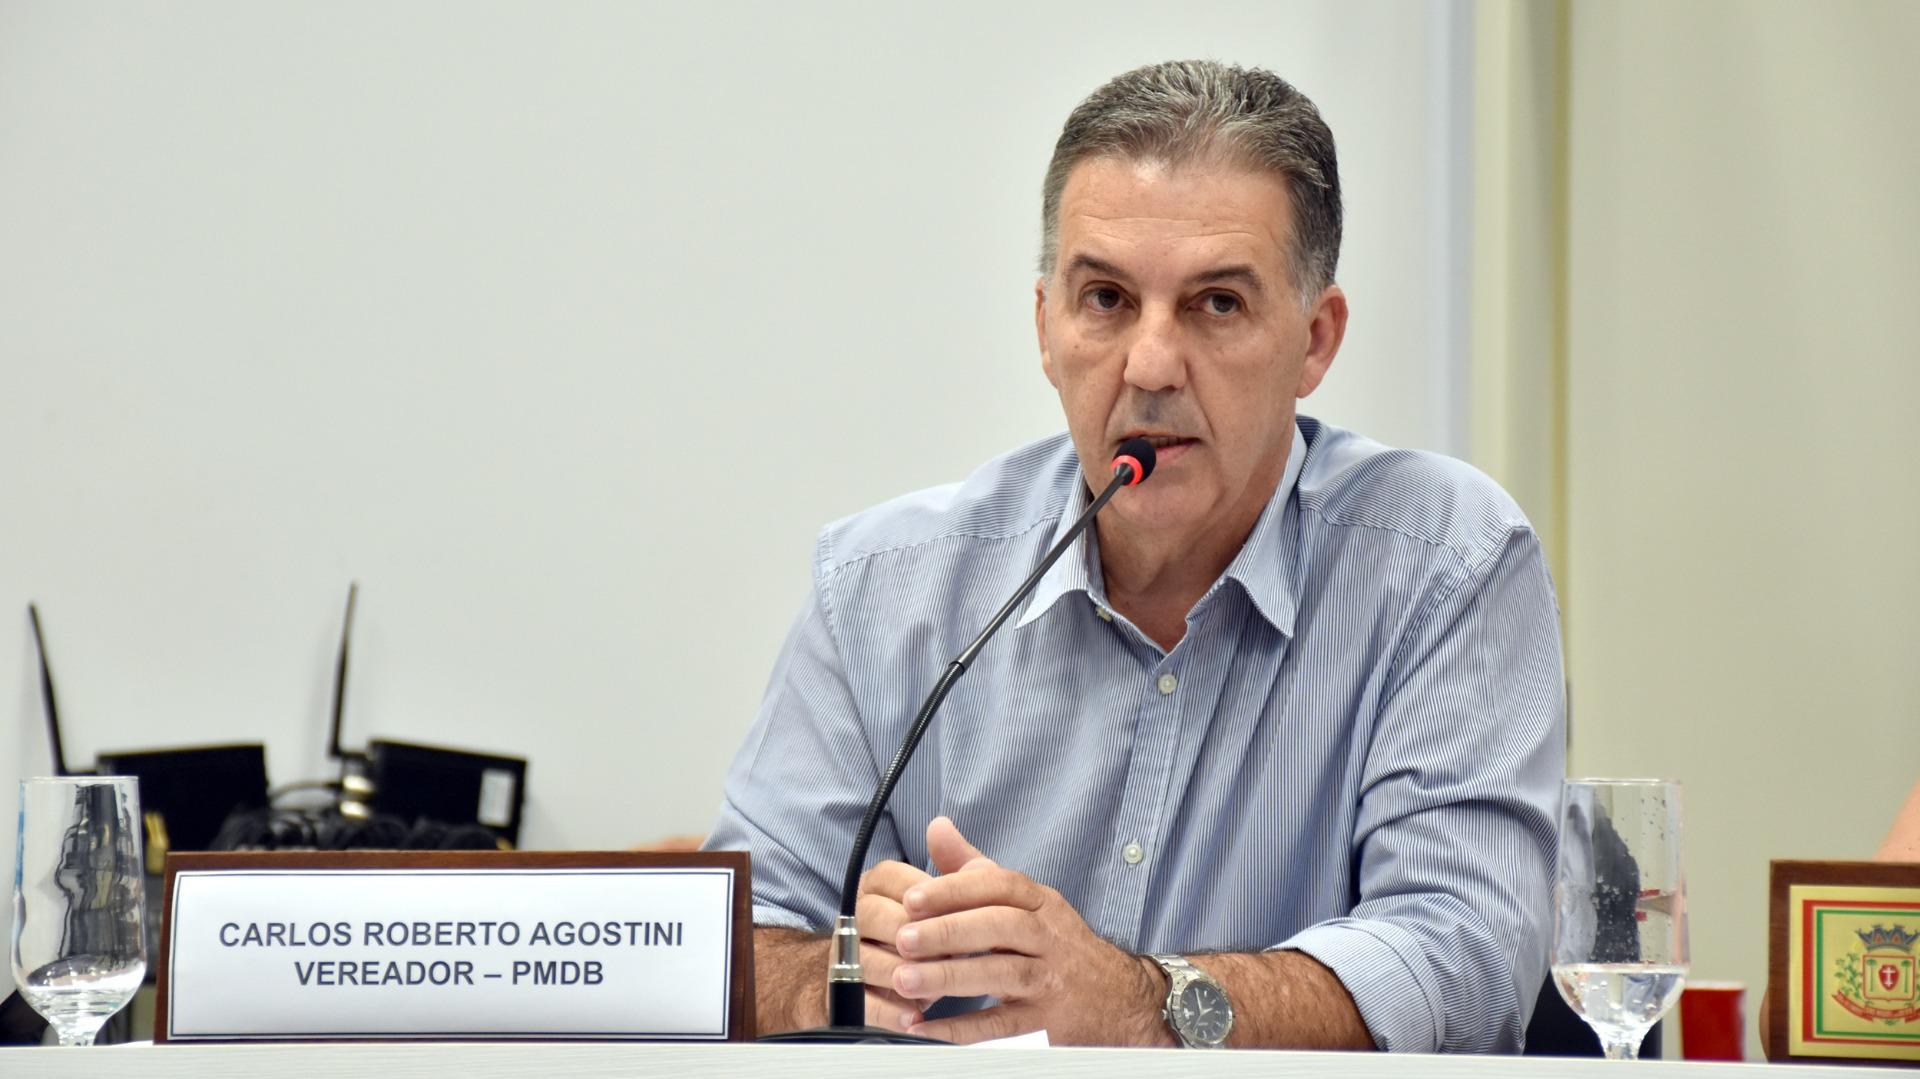 Vereador sugere que prefeitura faça manutenção preventiva de vias asfaltadas